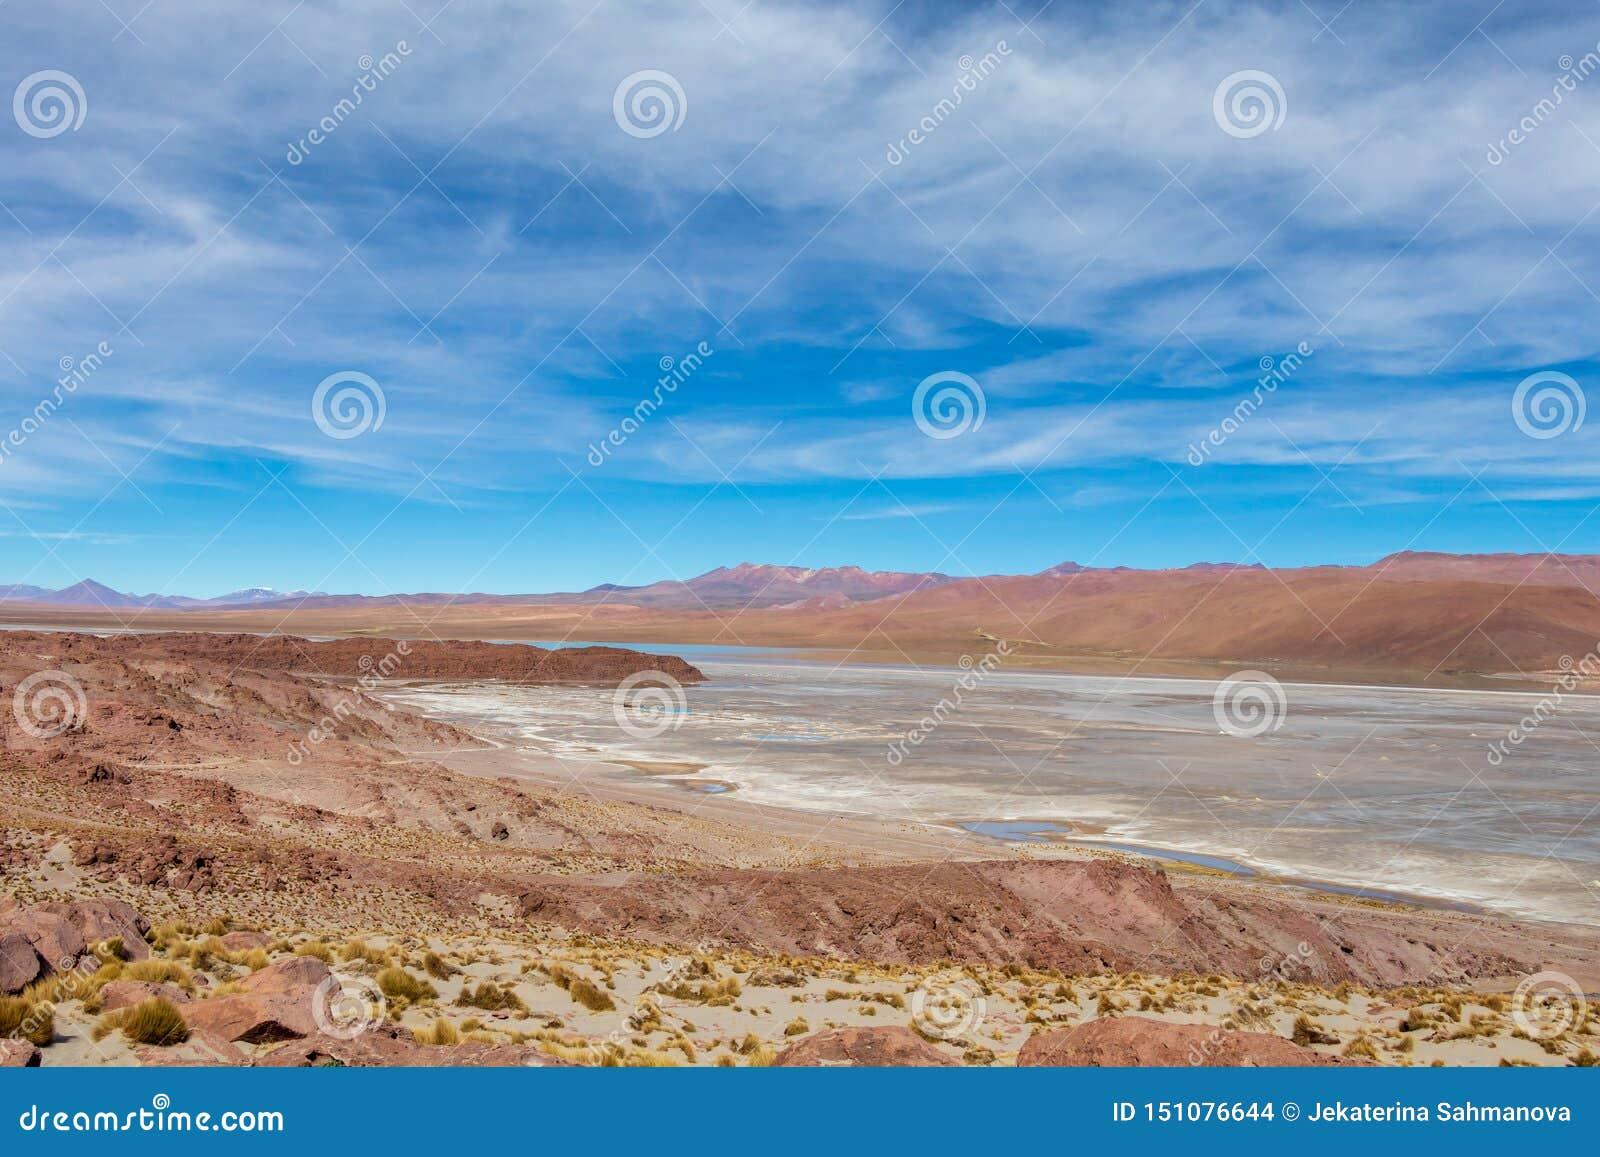 Achtergrond met onvruchtbaar woestijnlandschap in de Boliviaanse Andes, in het Natuurreservaat Edoardo Avaroa